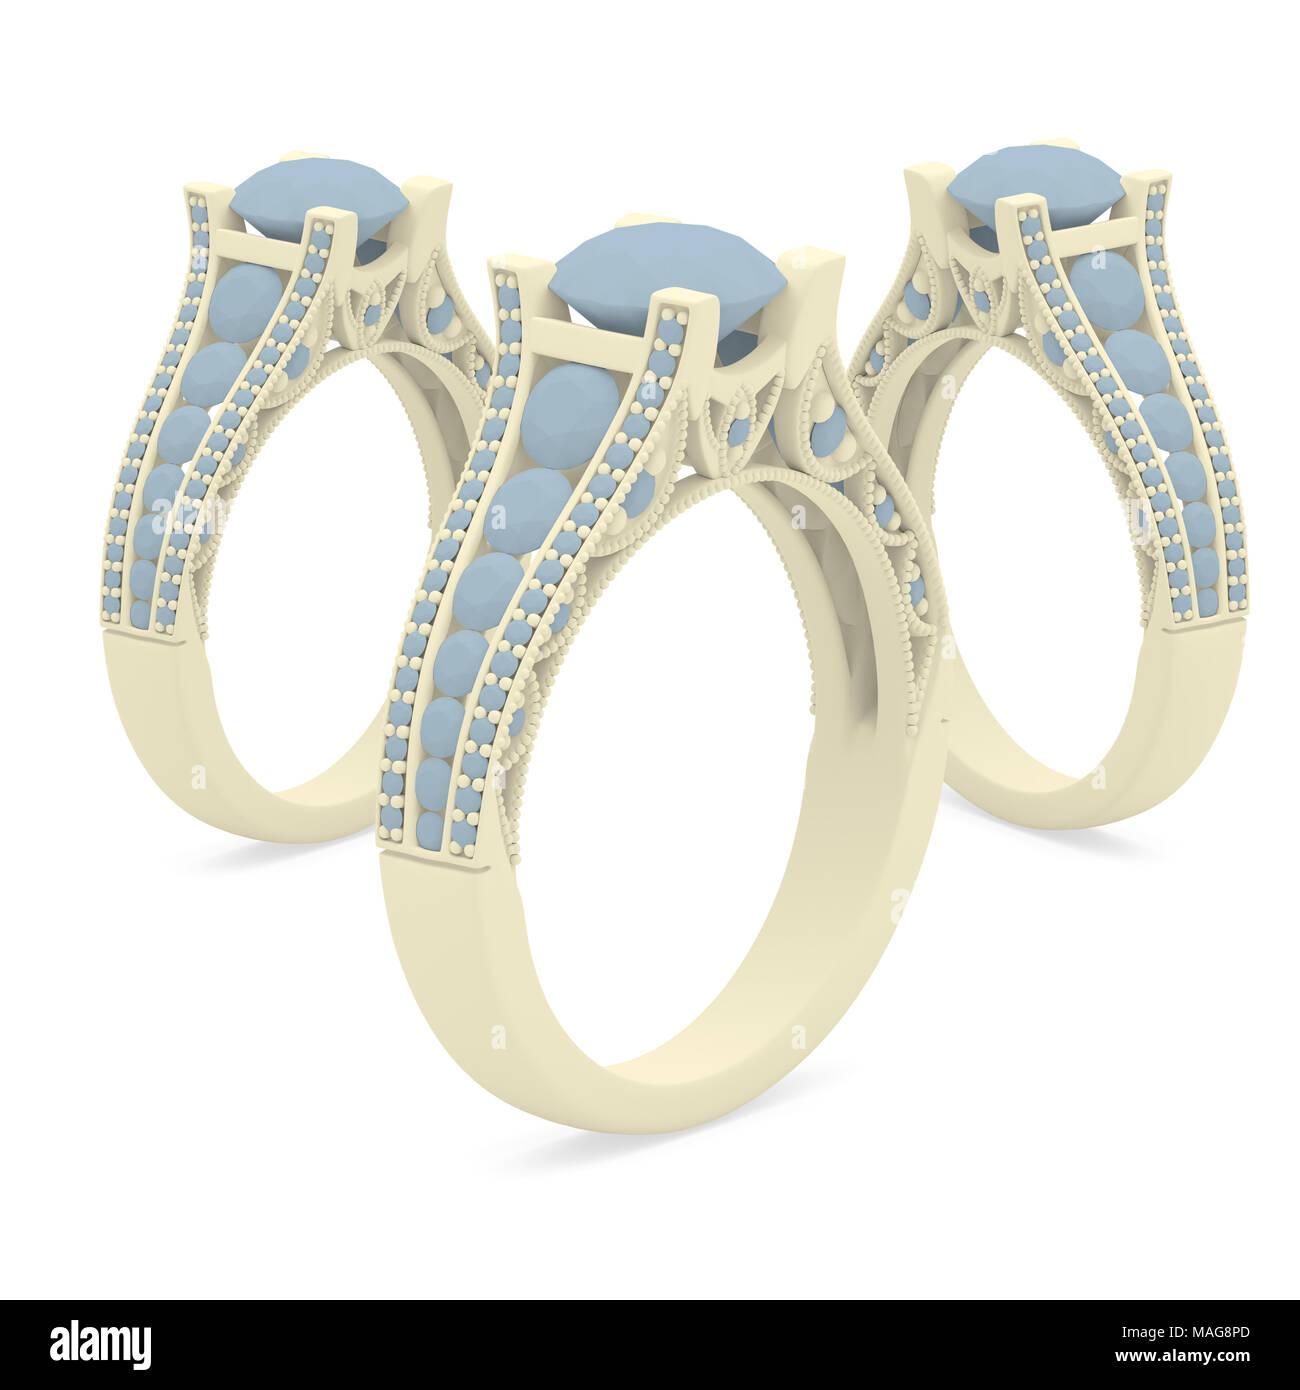 61de109c9844 Material plástico joyas anillos de renderizado 3D con sombras en blanco  Imagen De Stock